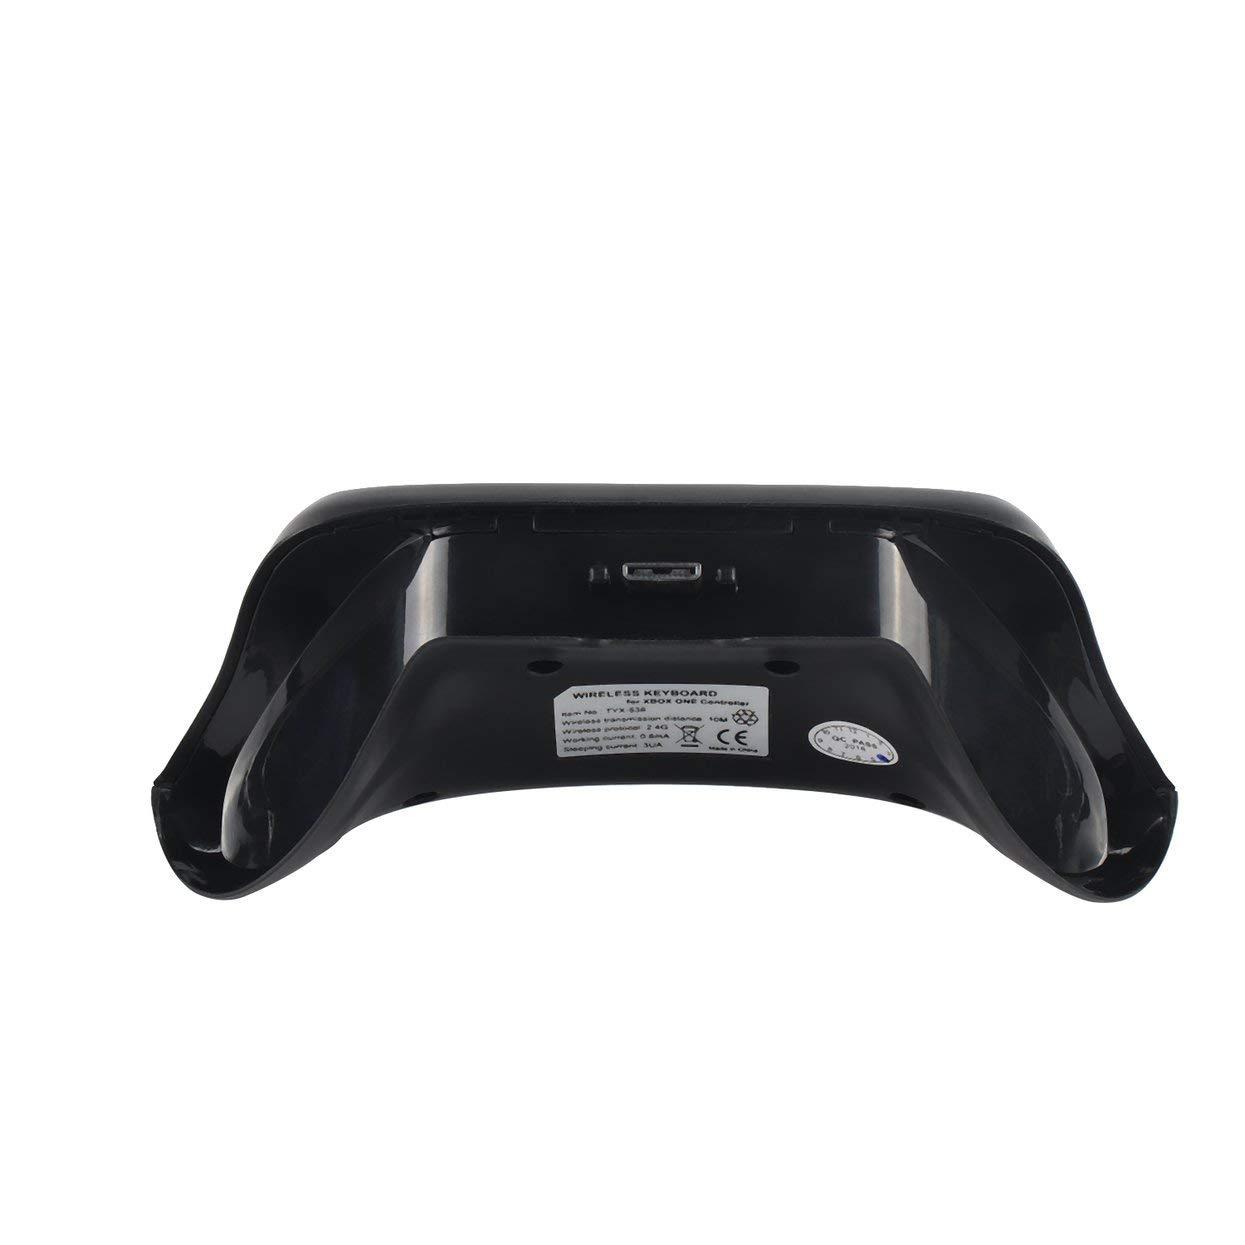 LoveOlvidoE 47 Teclas Inalámbrico 2.4G Práctico Mini Handheld Teclado Gaming Mensaje Gamepad Teclado para Xbox One S Controlador: Amazon.es: Electrónica